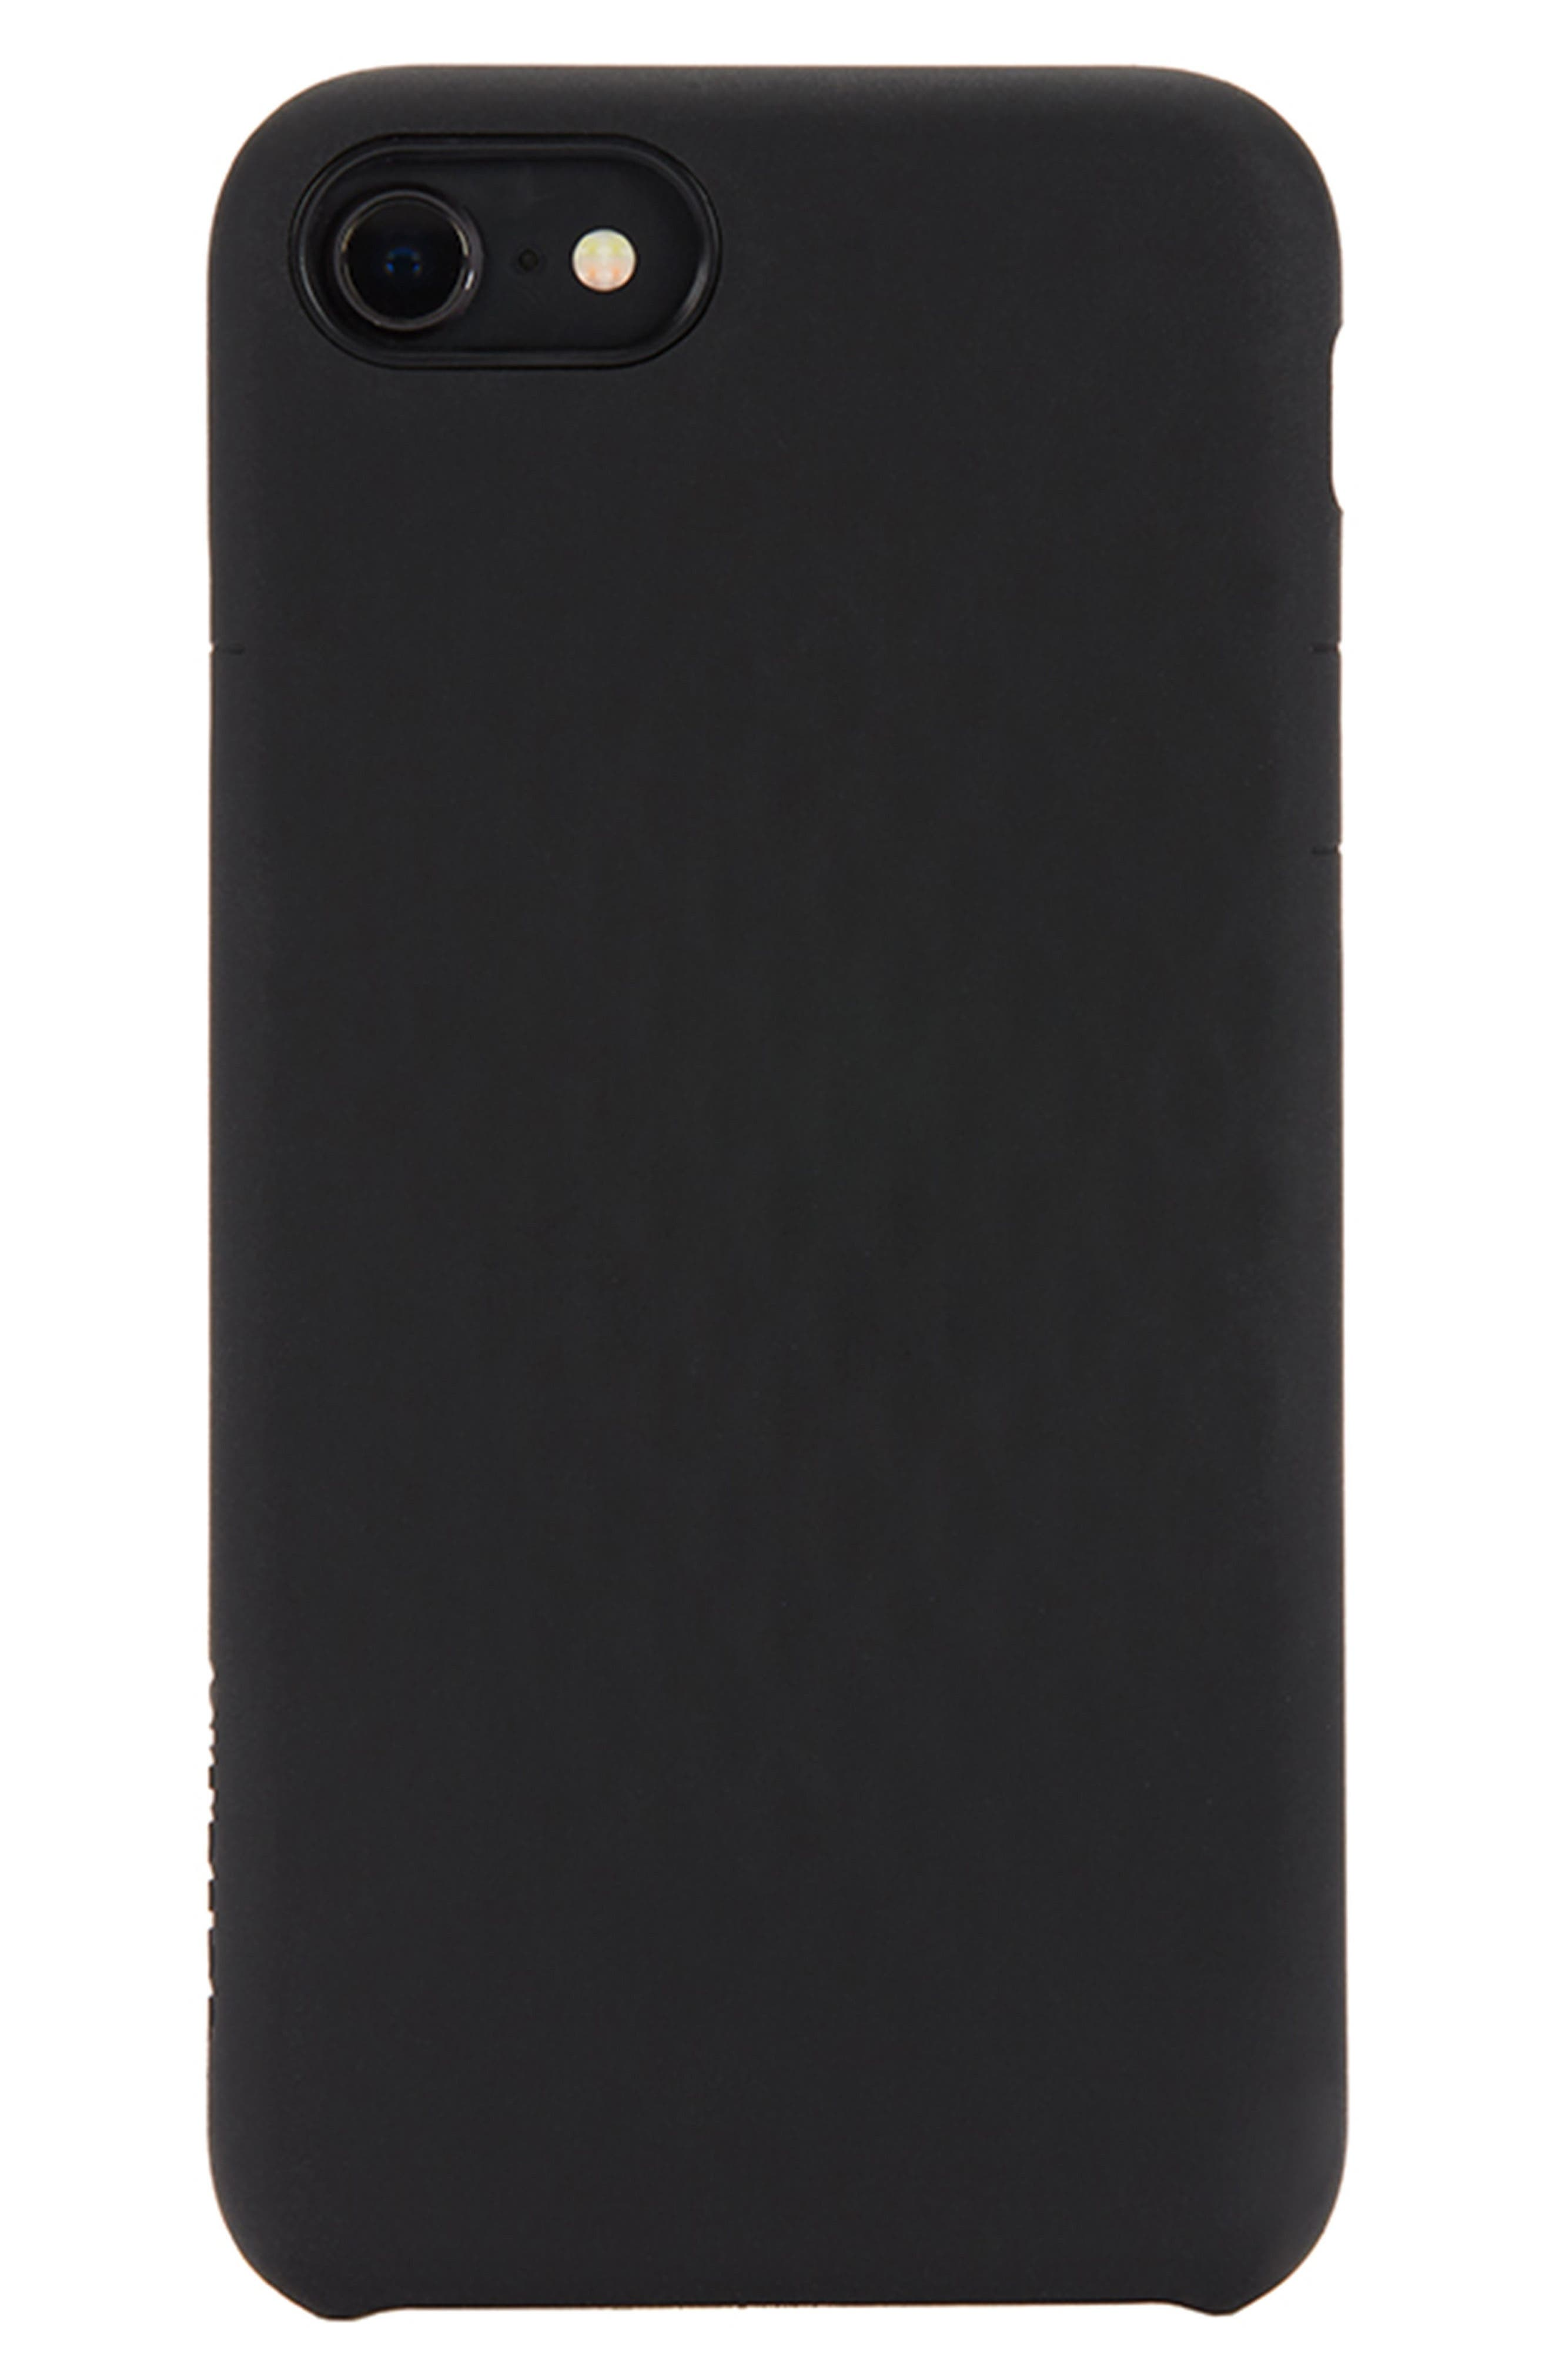 Facet iPhone 7/8 Case,                             Main thumbnail 1, color,                             Black